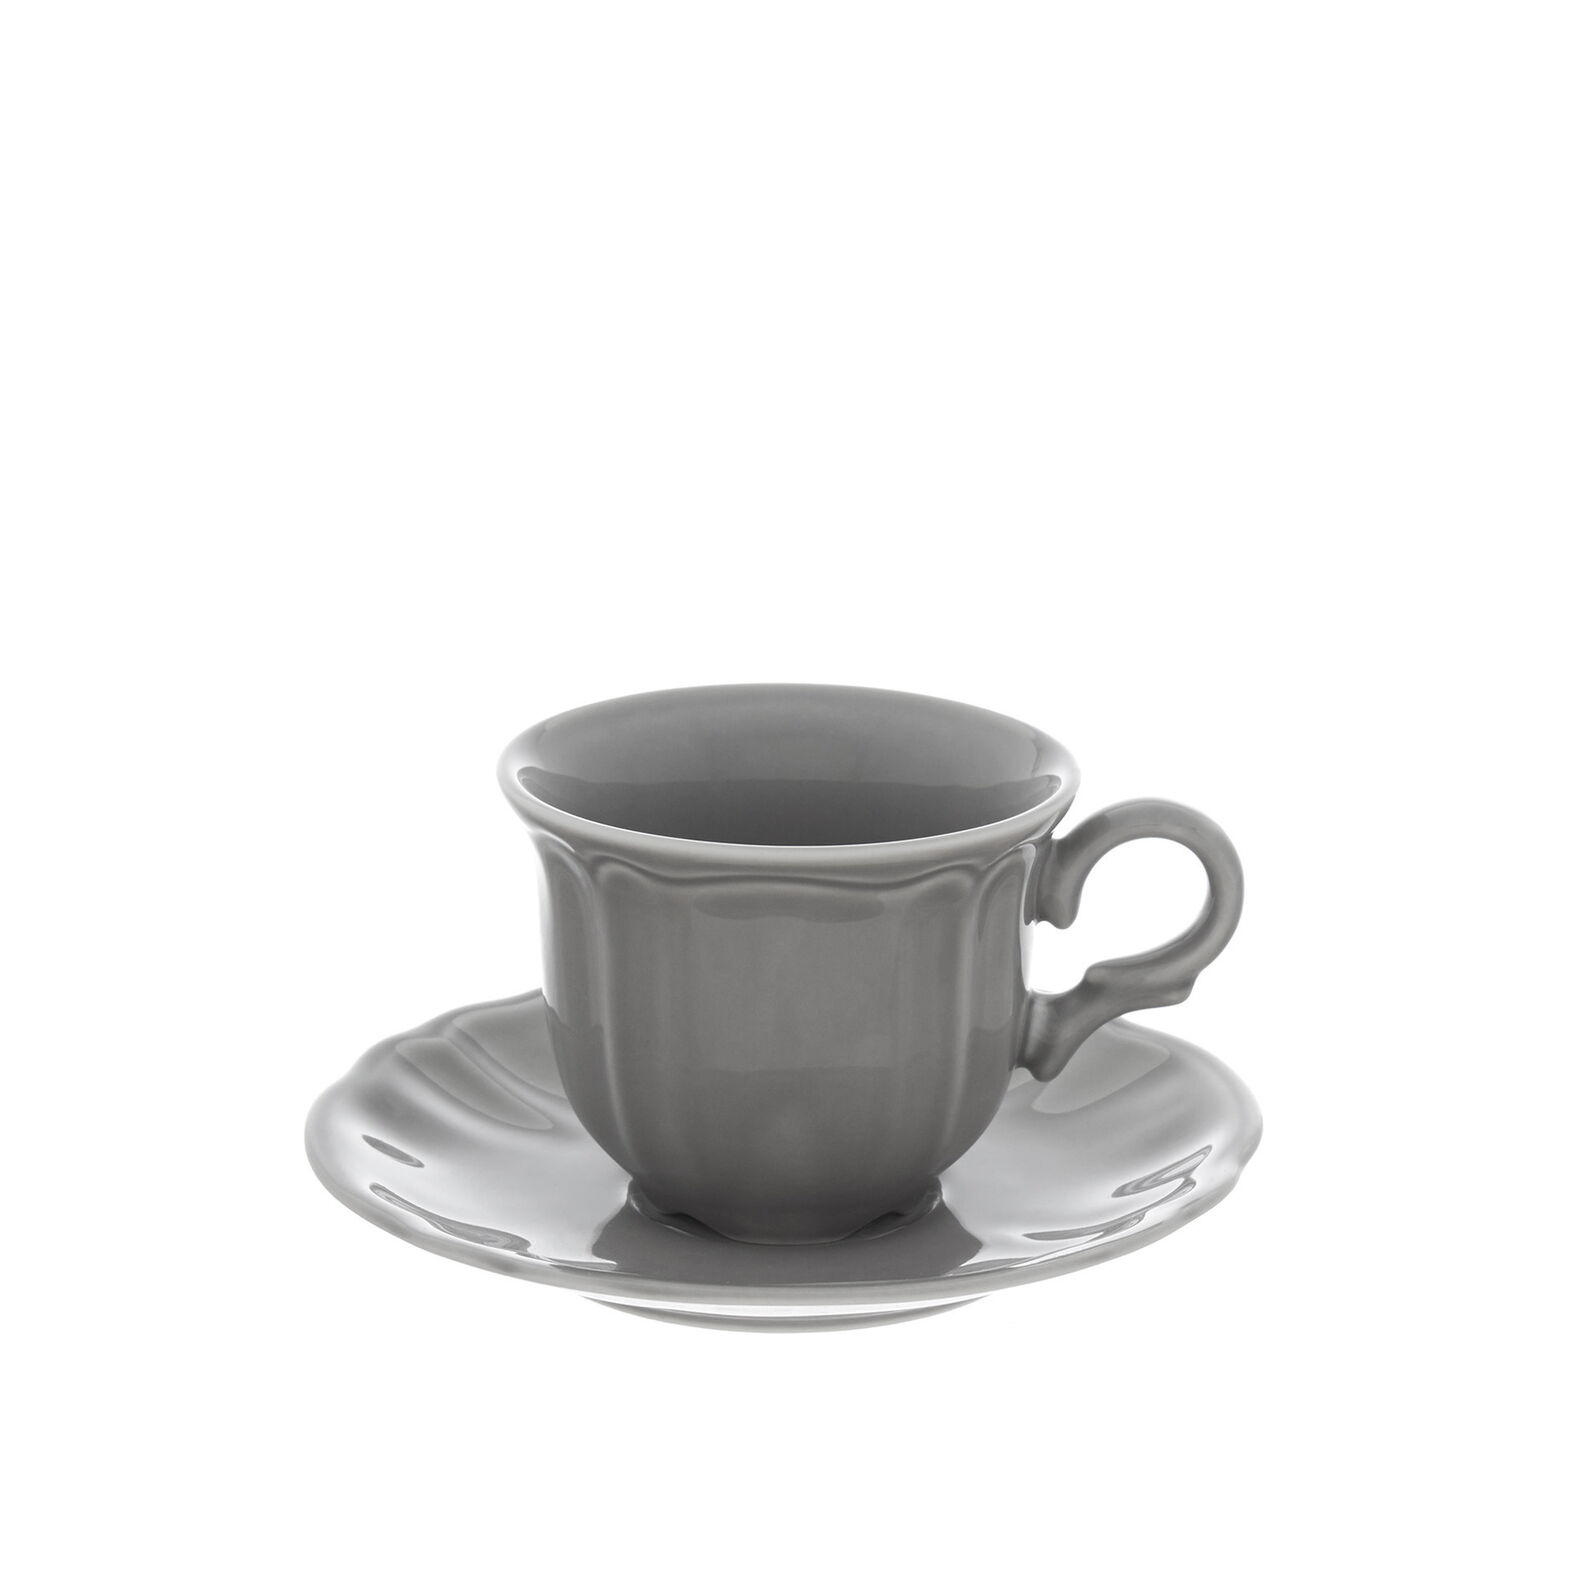 Tazza da tè porcellana smaltata Romantic